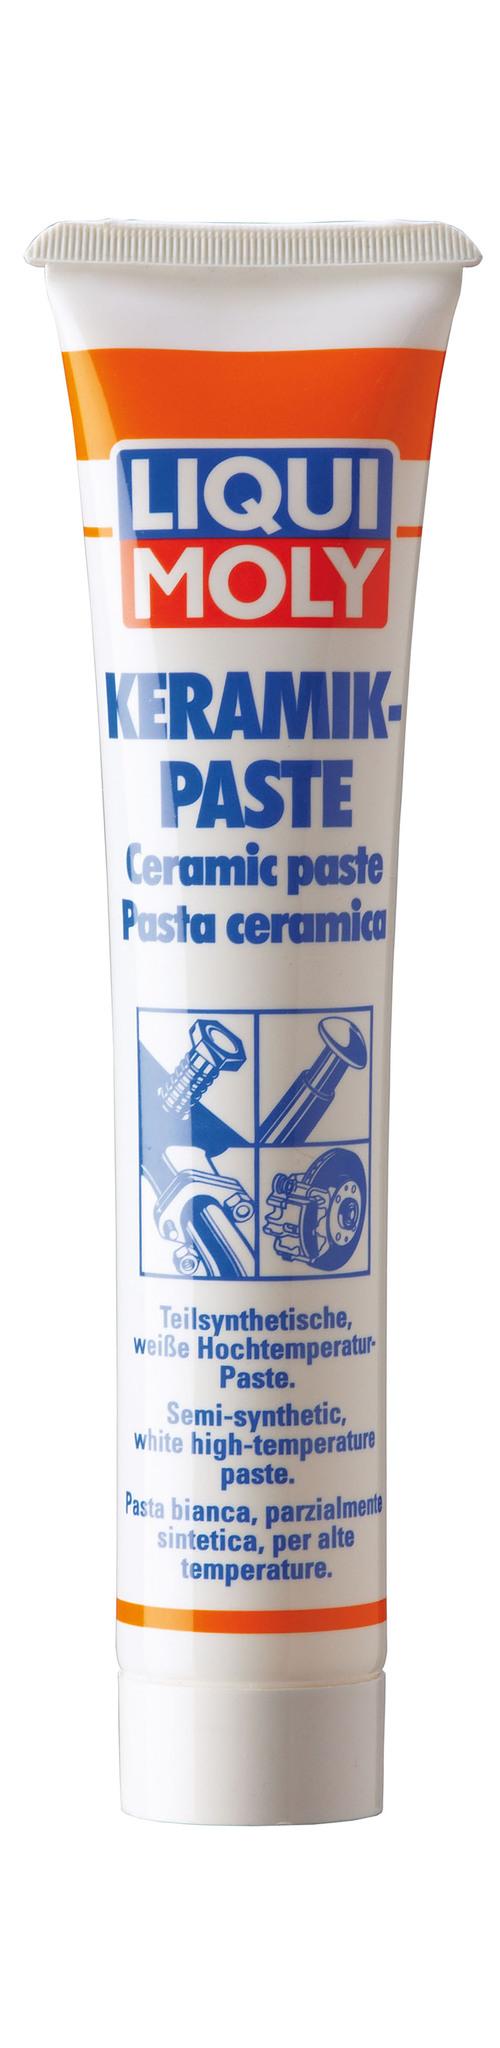 Liqui Moly Keramik Paste Керамическая паста